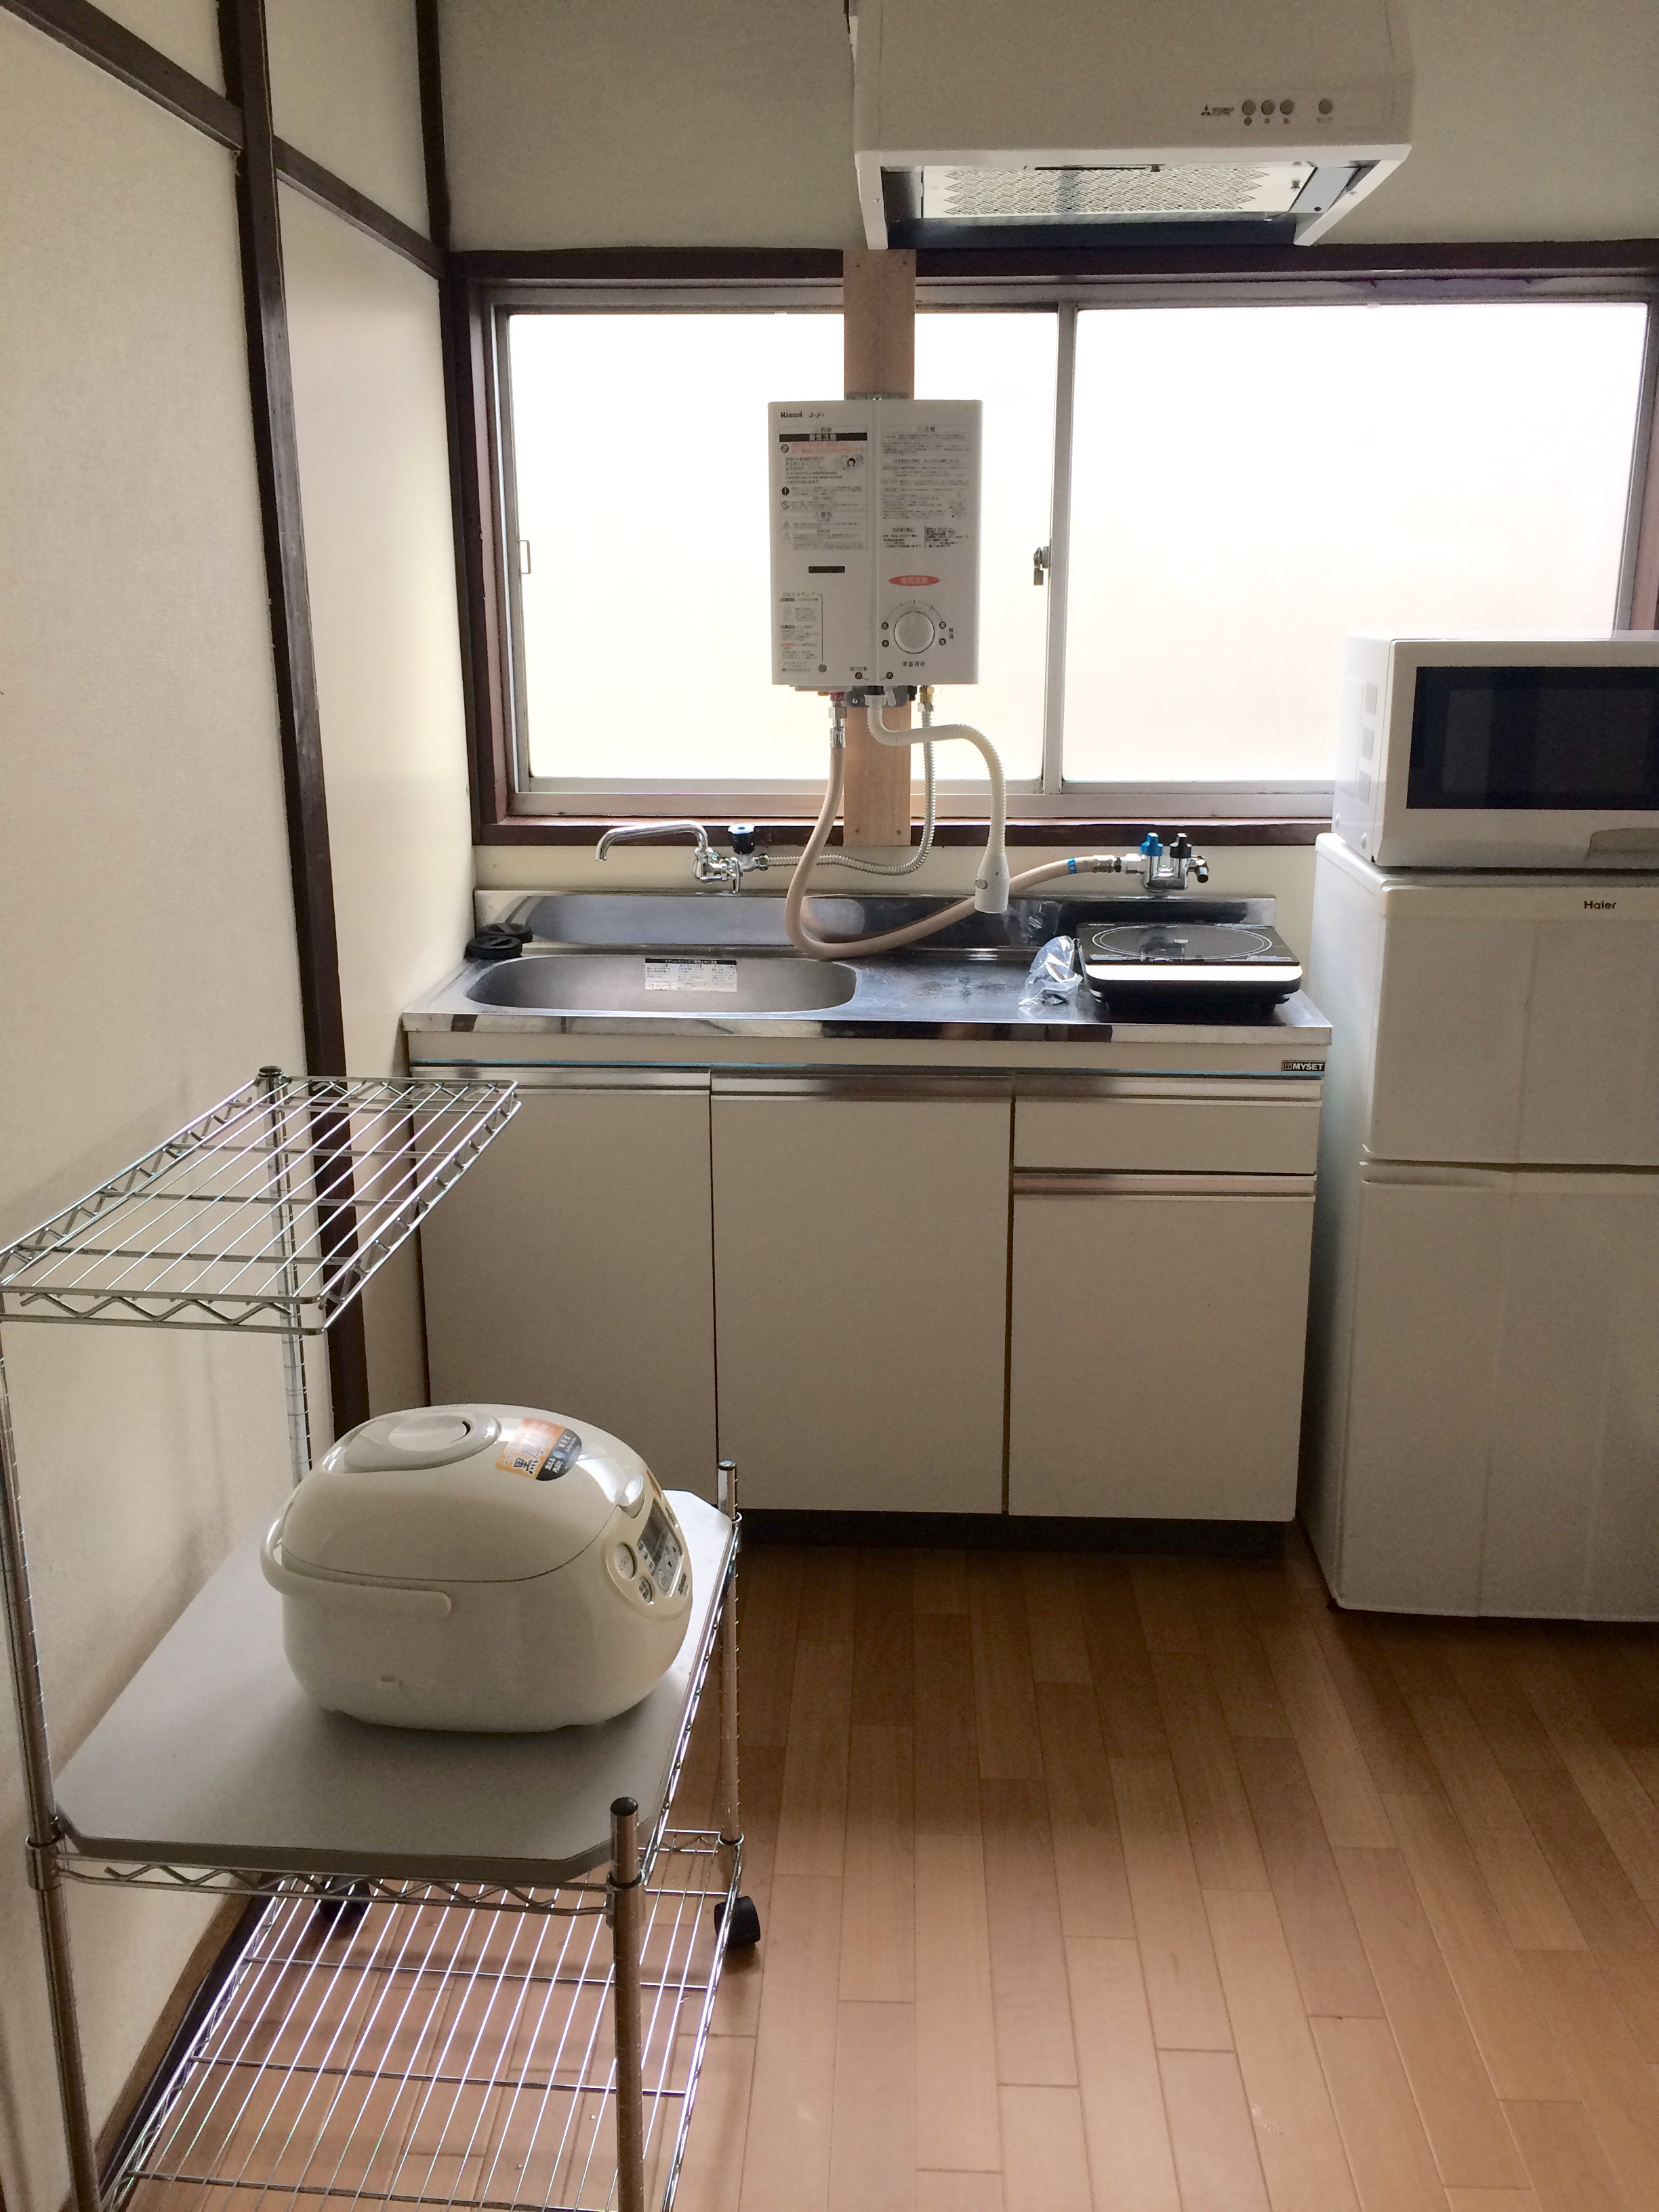 Student dormitory (No. 1 dorm)